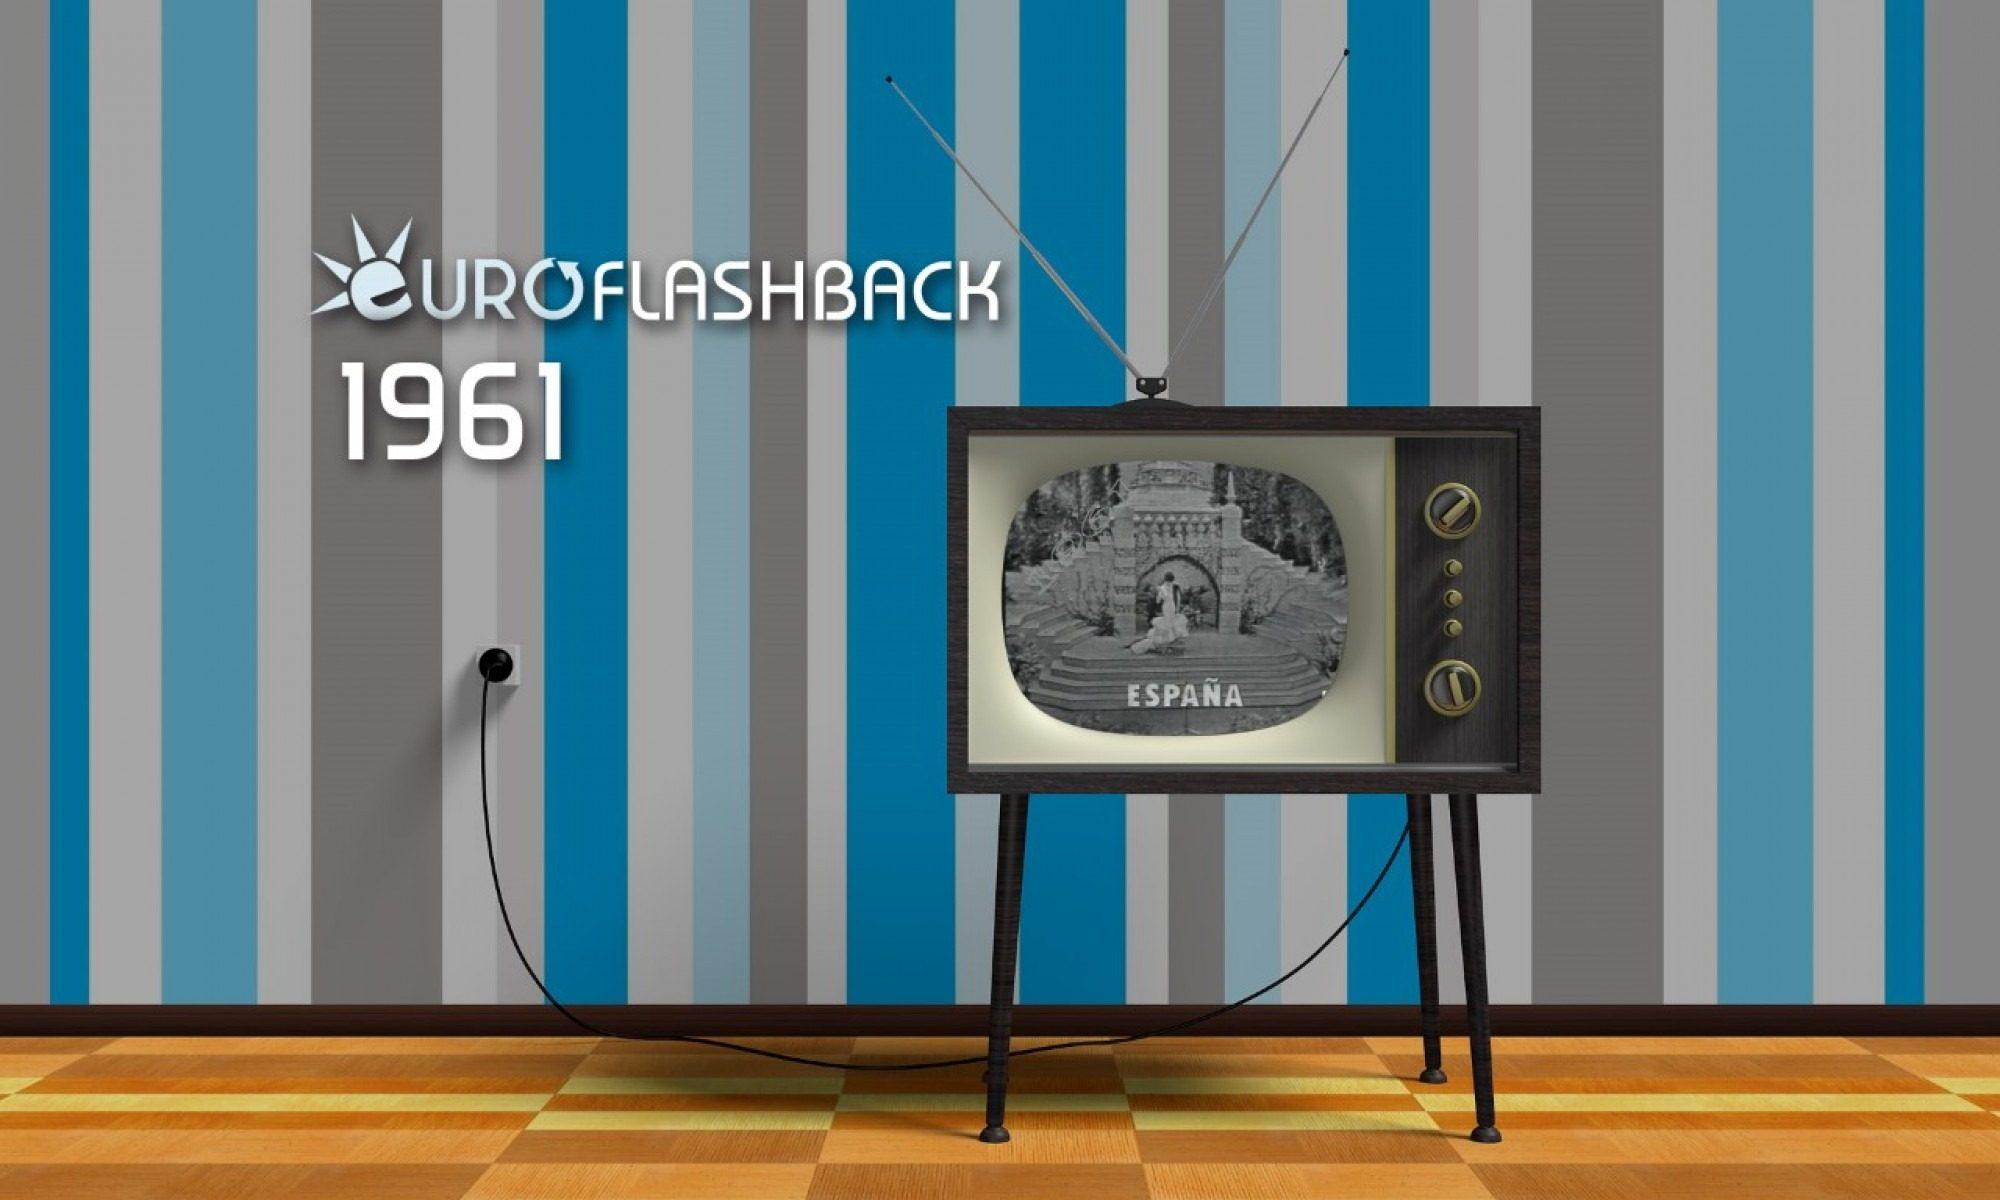 Euroflashback 1961 Cuando España Le Cantó A Europa Hace Hoy 60 Años Estando Contigo Me Siento Feliz Eurovision Spain Com